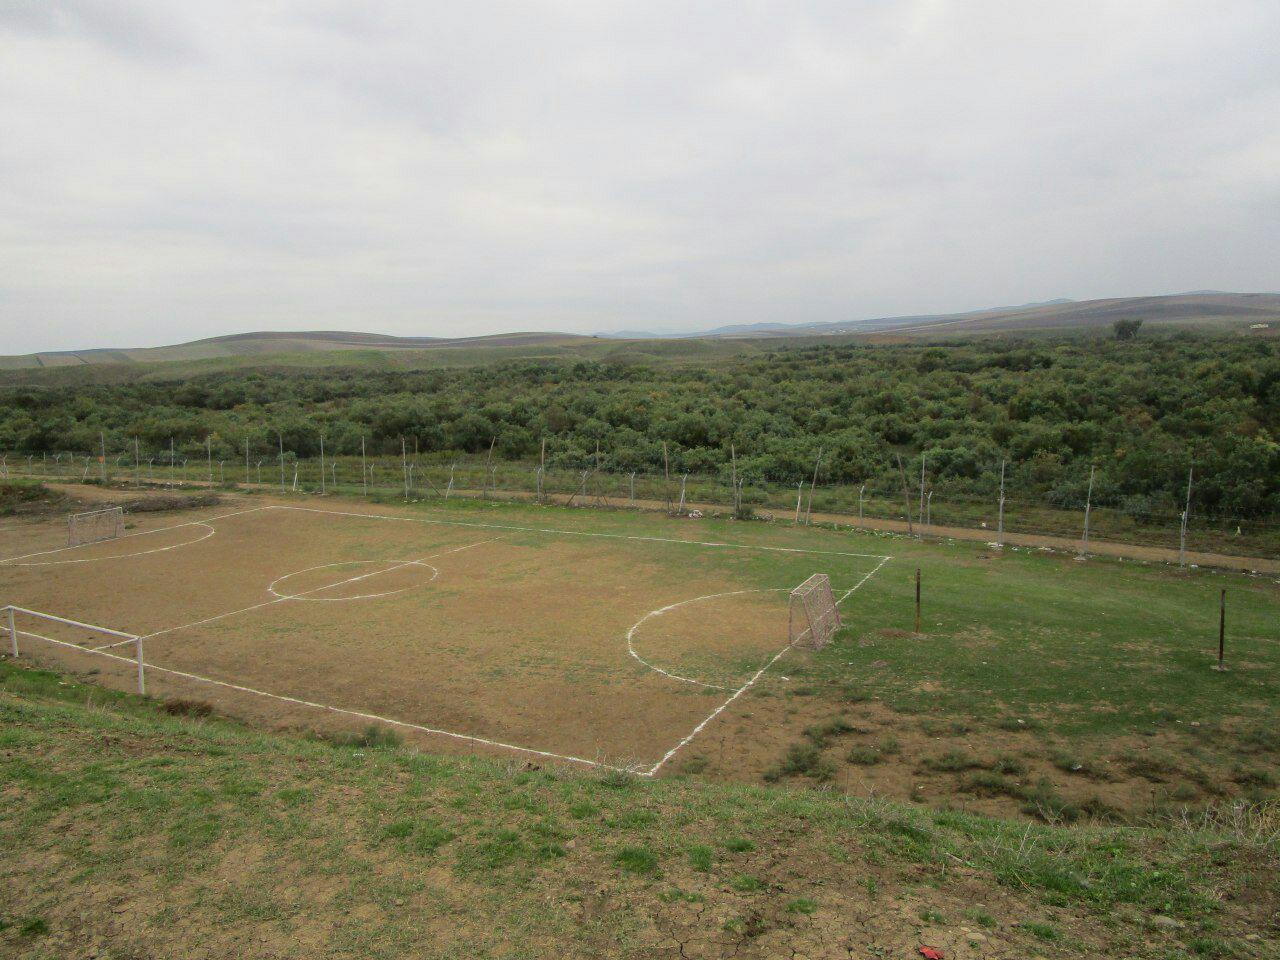 نزدیکترین زمین فوتبال به مرز یک کشور در ایران